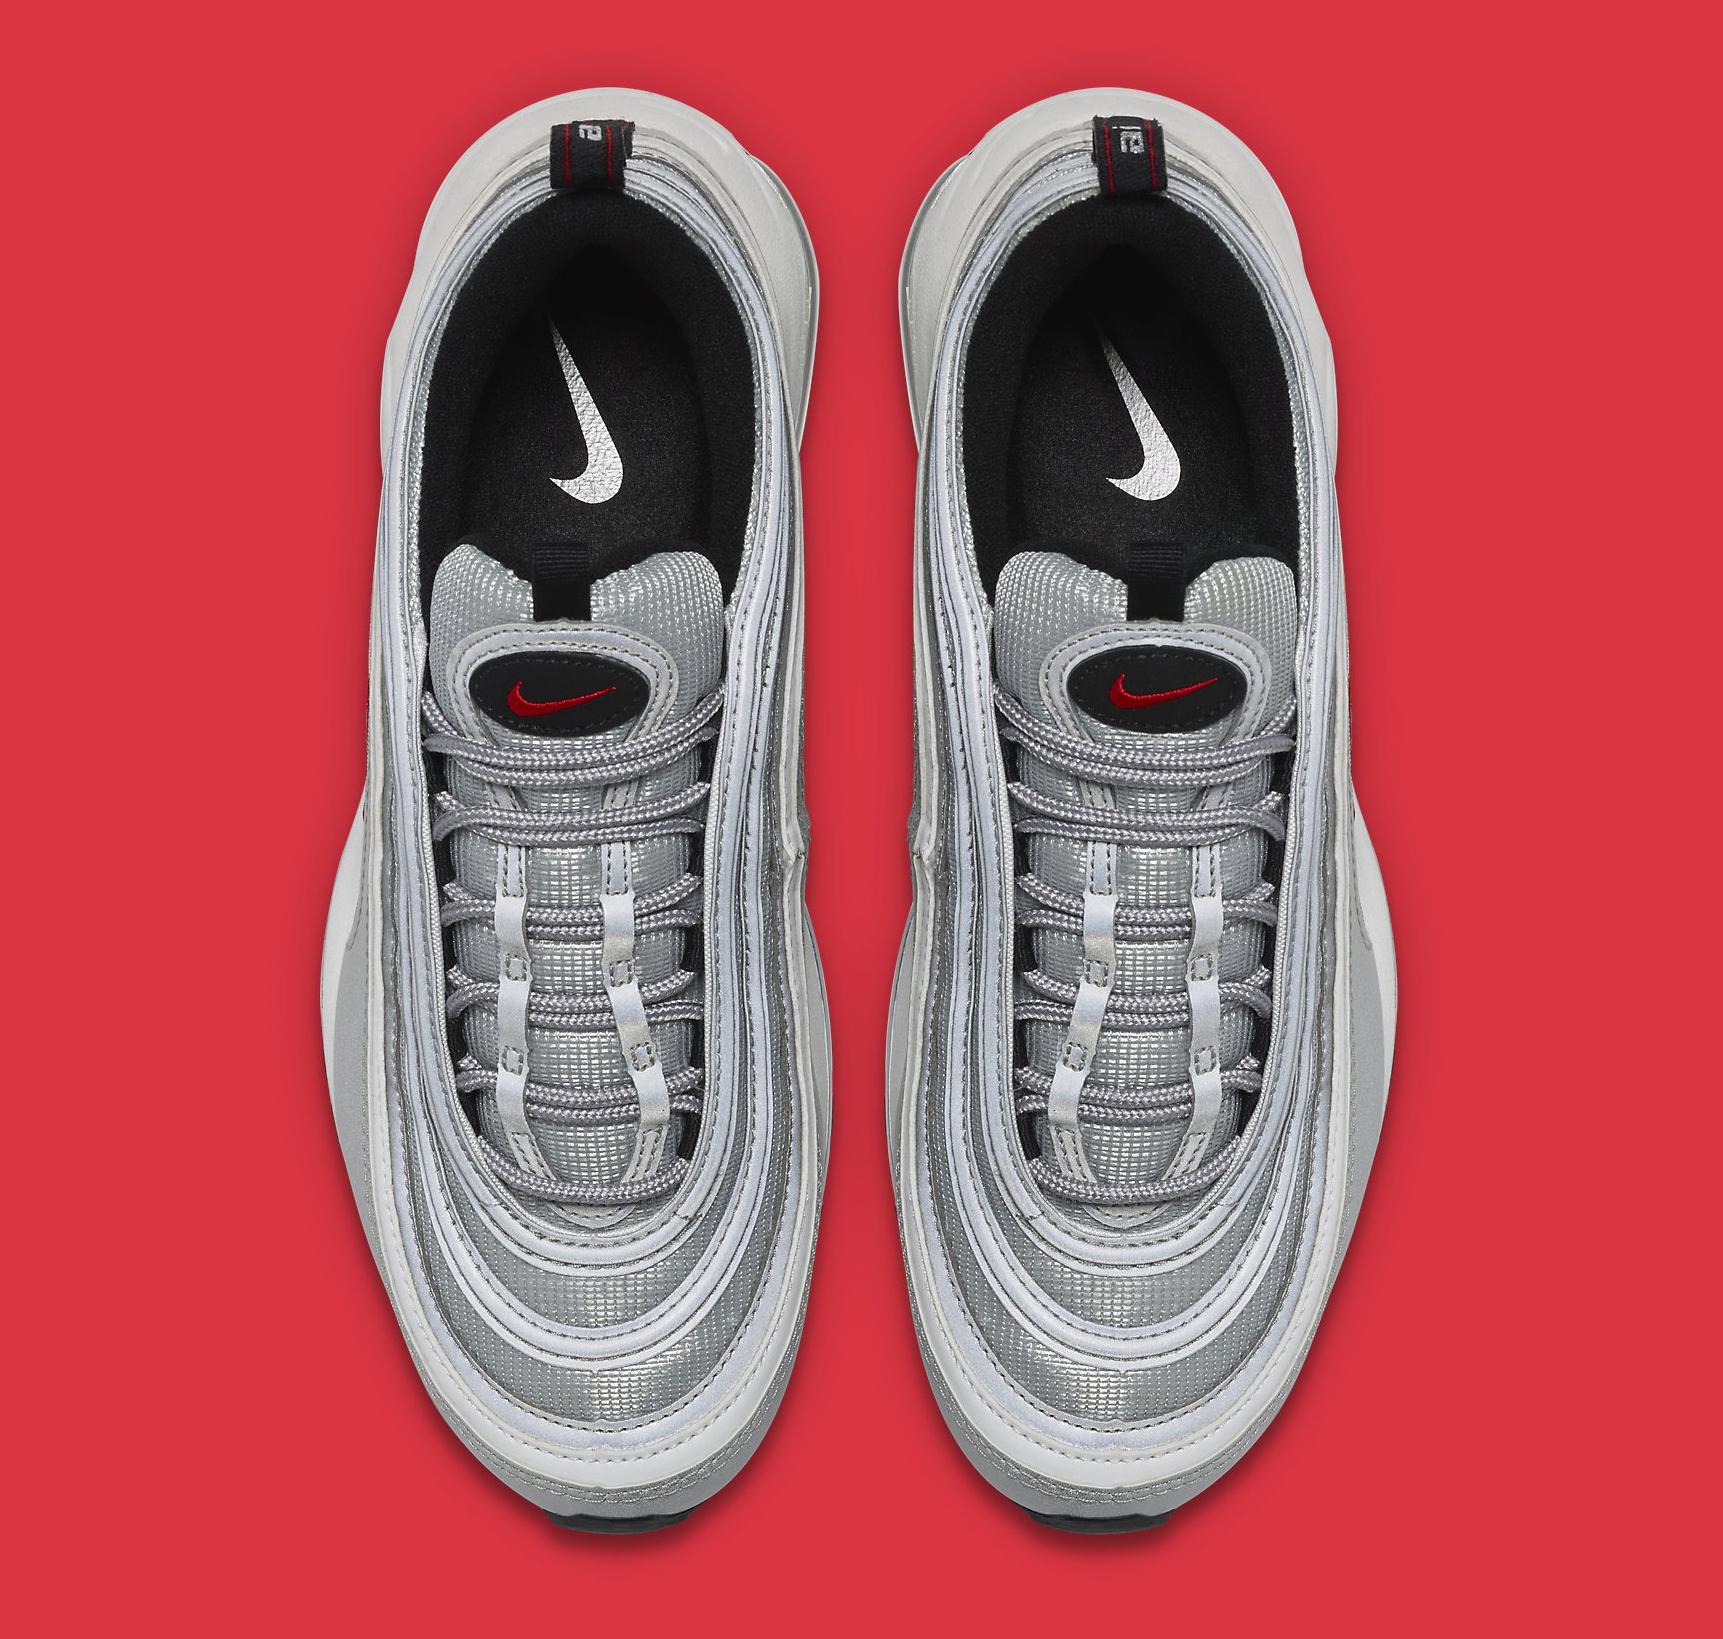 Silver Nike Air Max 97 884421-001 Top